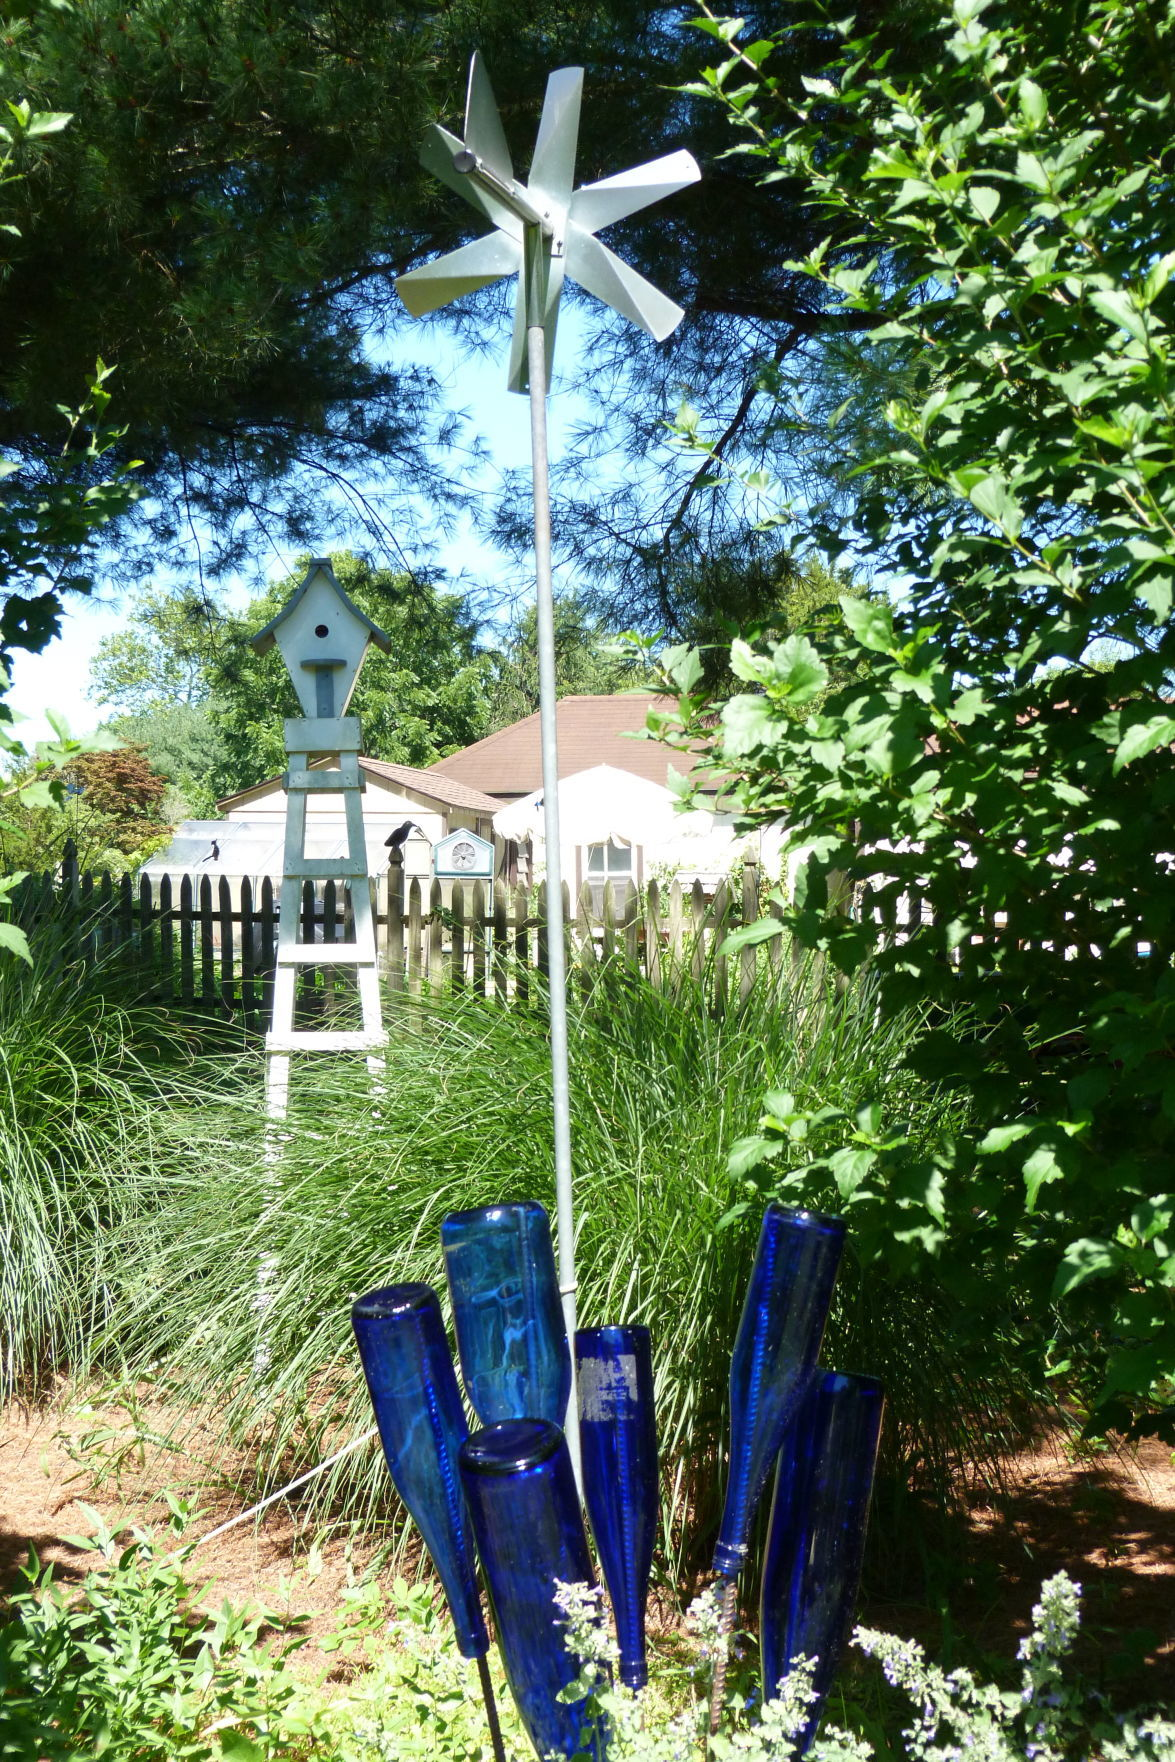 071319_liv_Little Gardens 18 Mainland Focus (23)